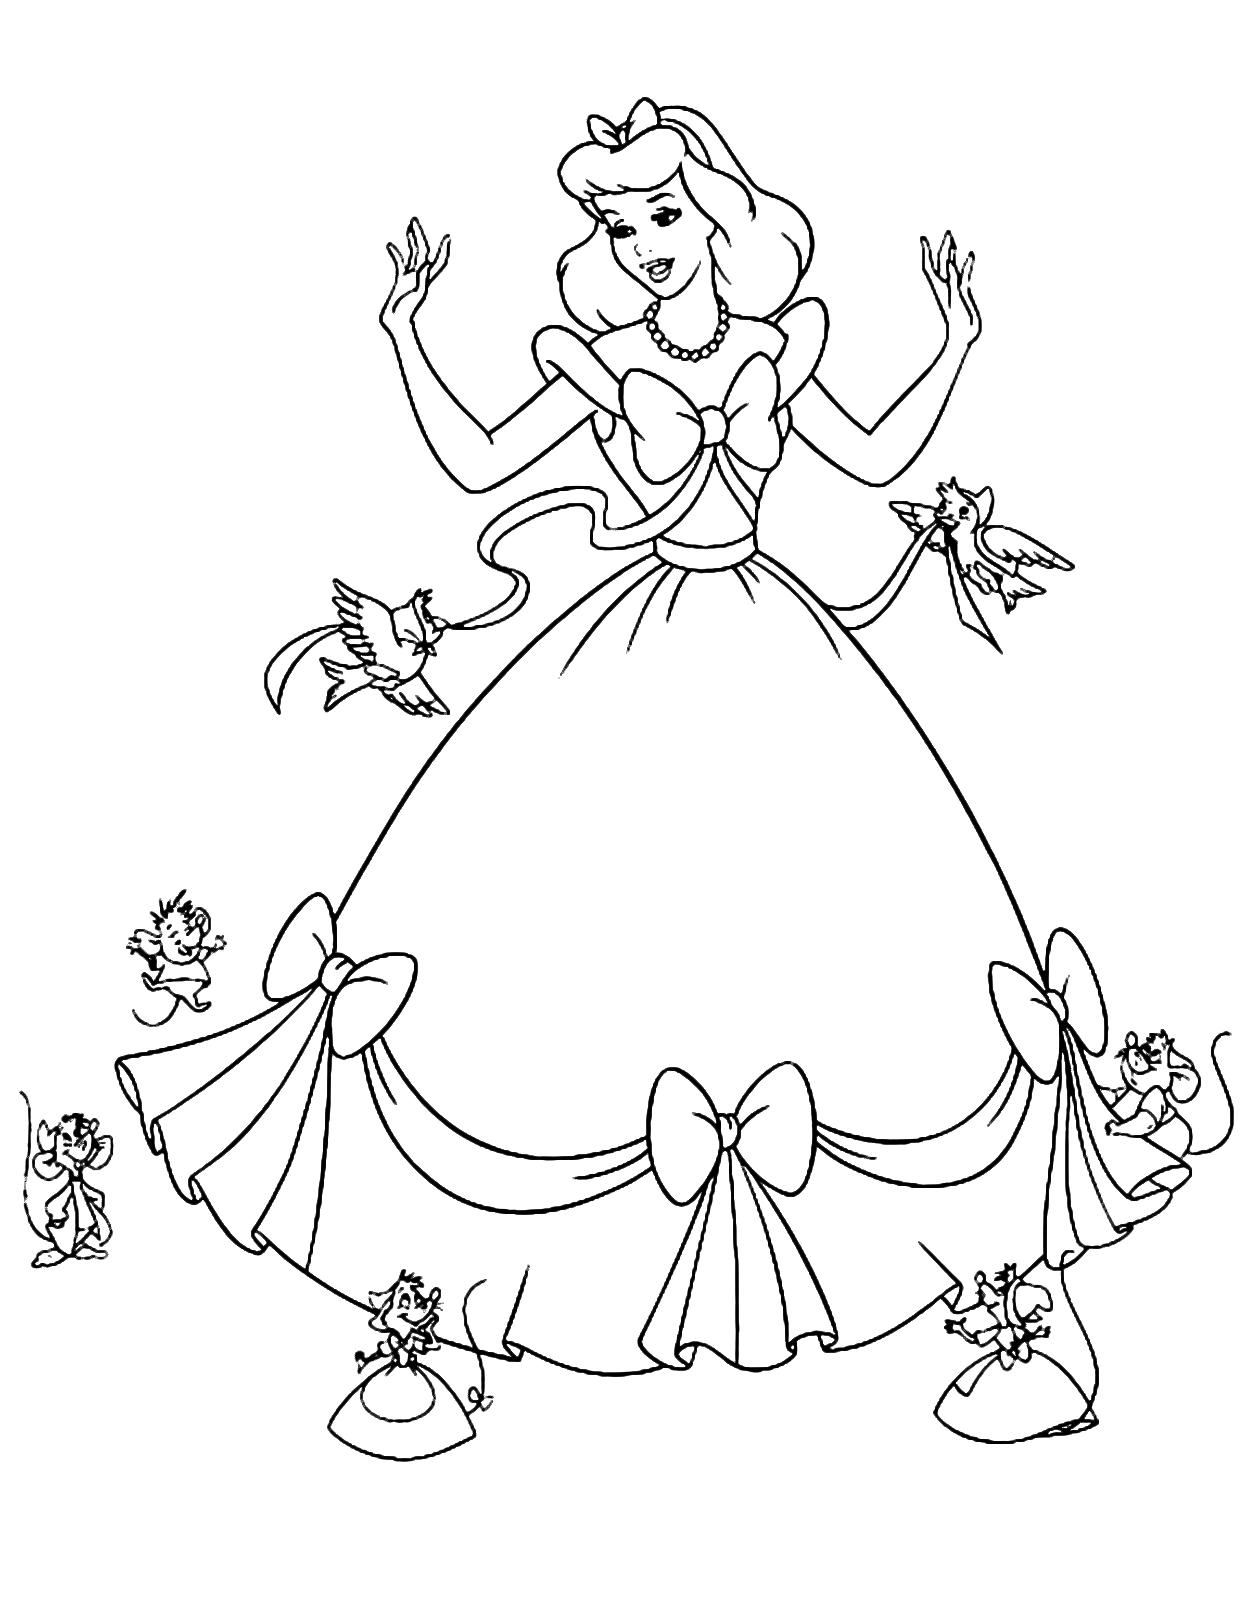 Cinderella - Mice and birds help Cinderella make her dress